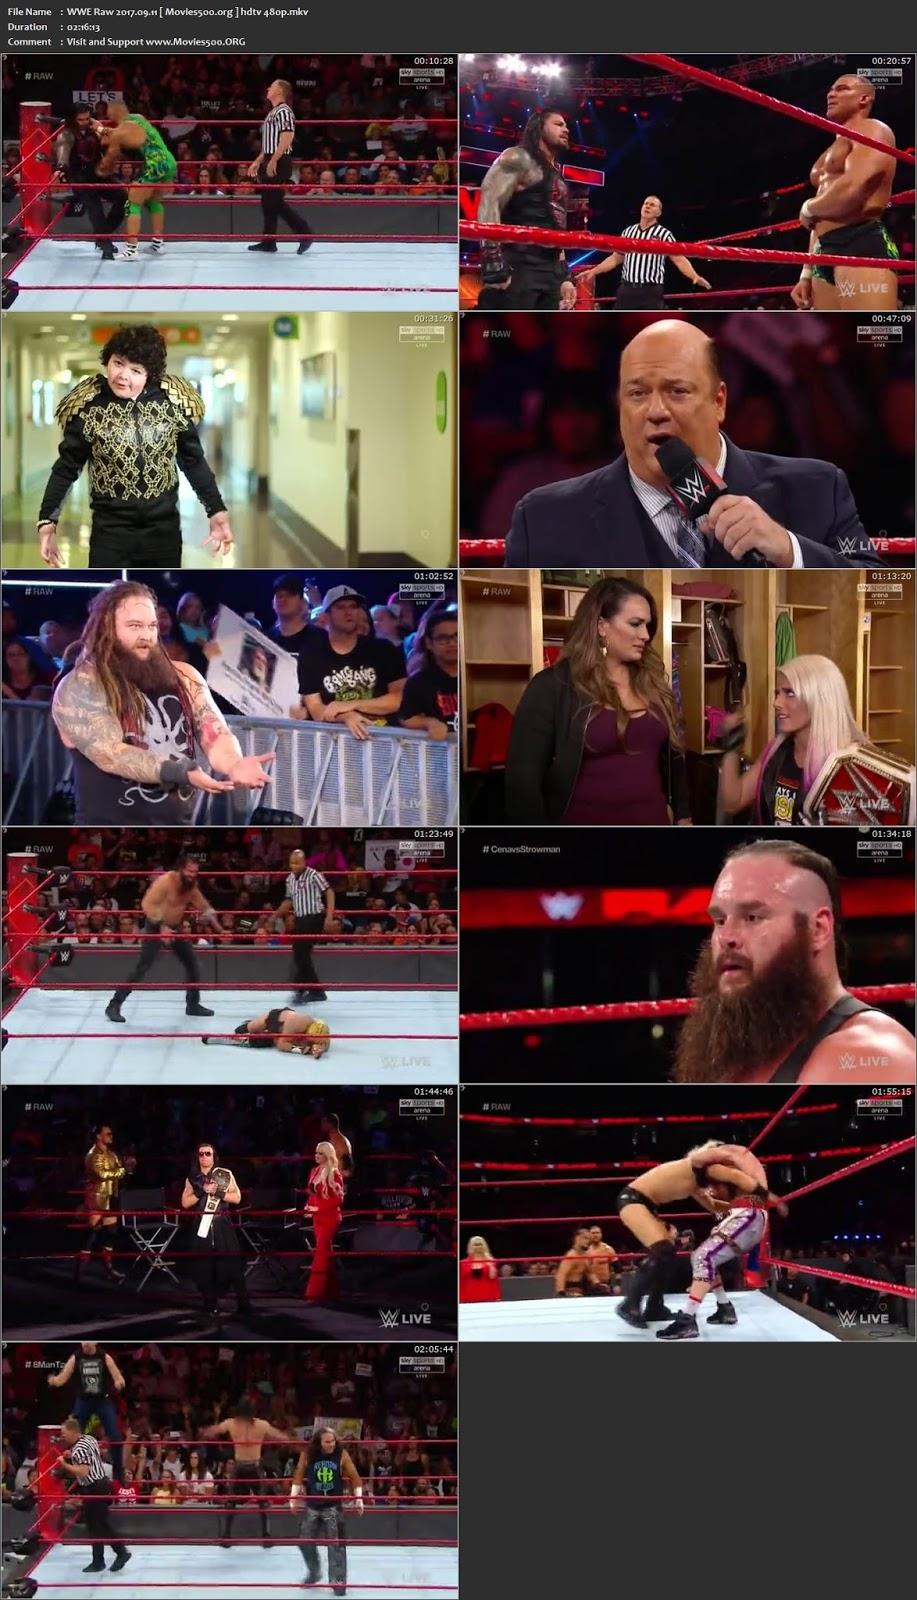 WWE Monday Night 11 SEPTEMBER 2017 Download HDTV 480p at newbtcbank.com